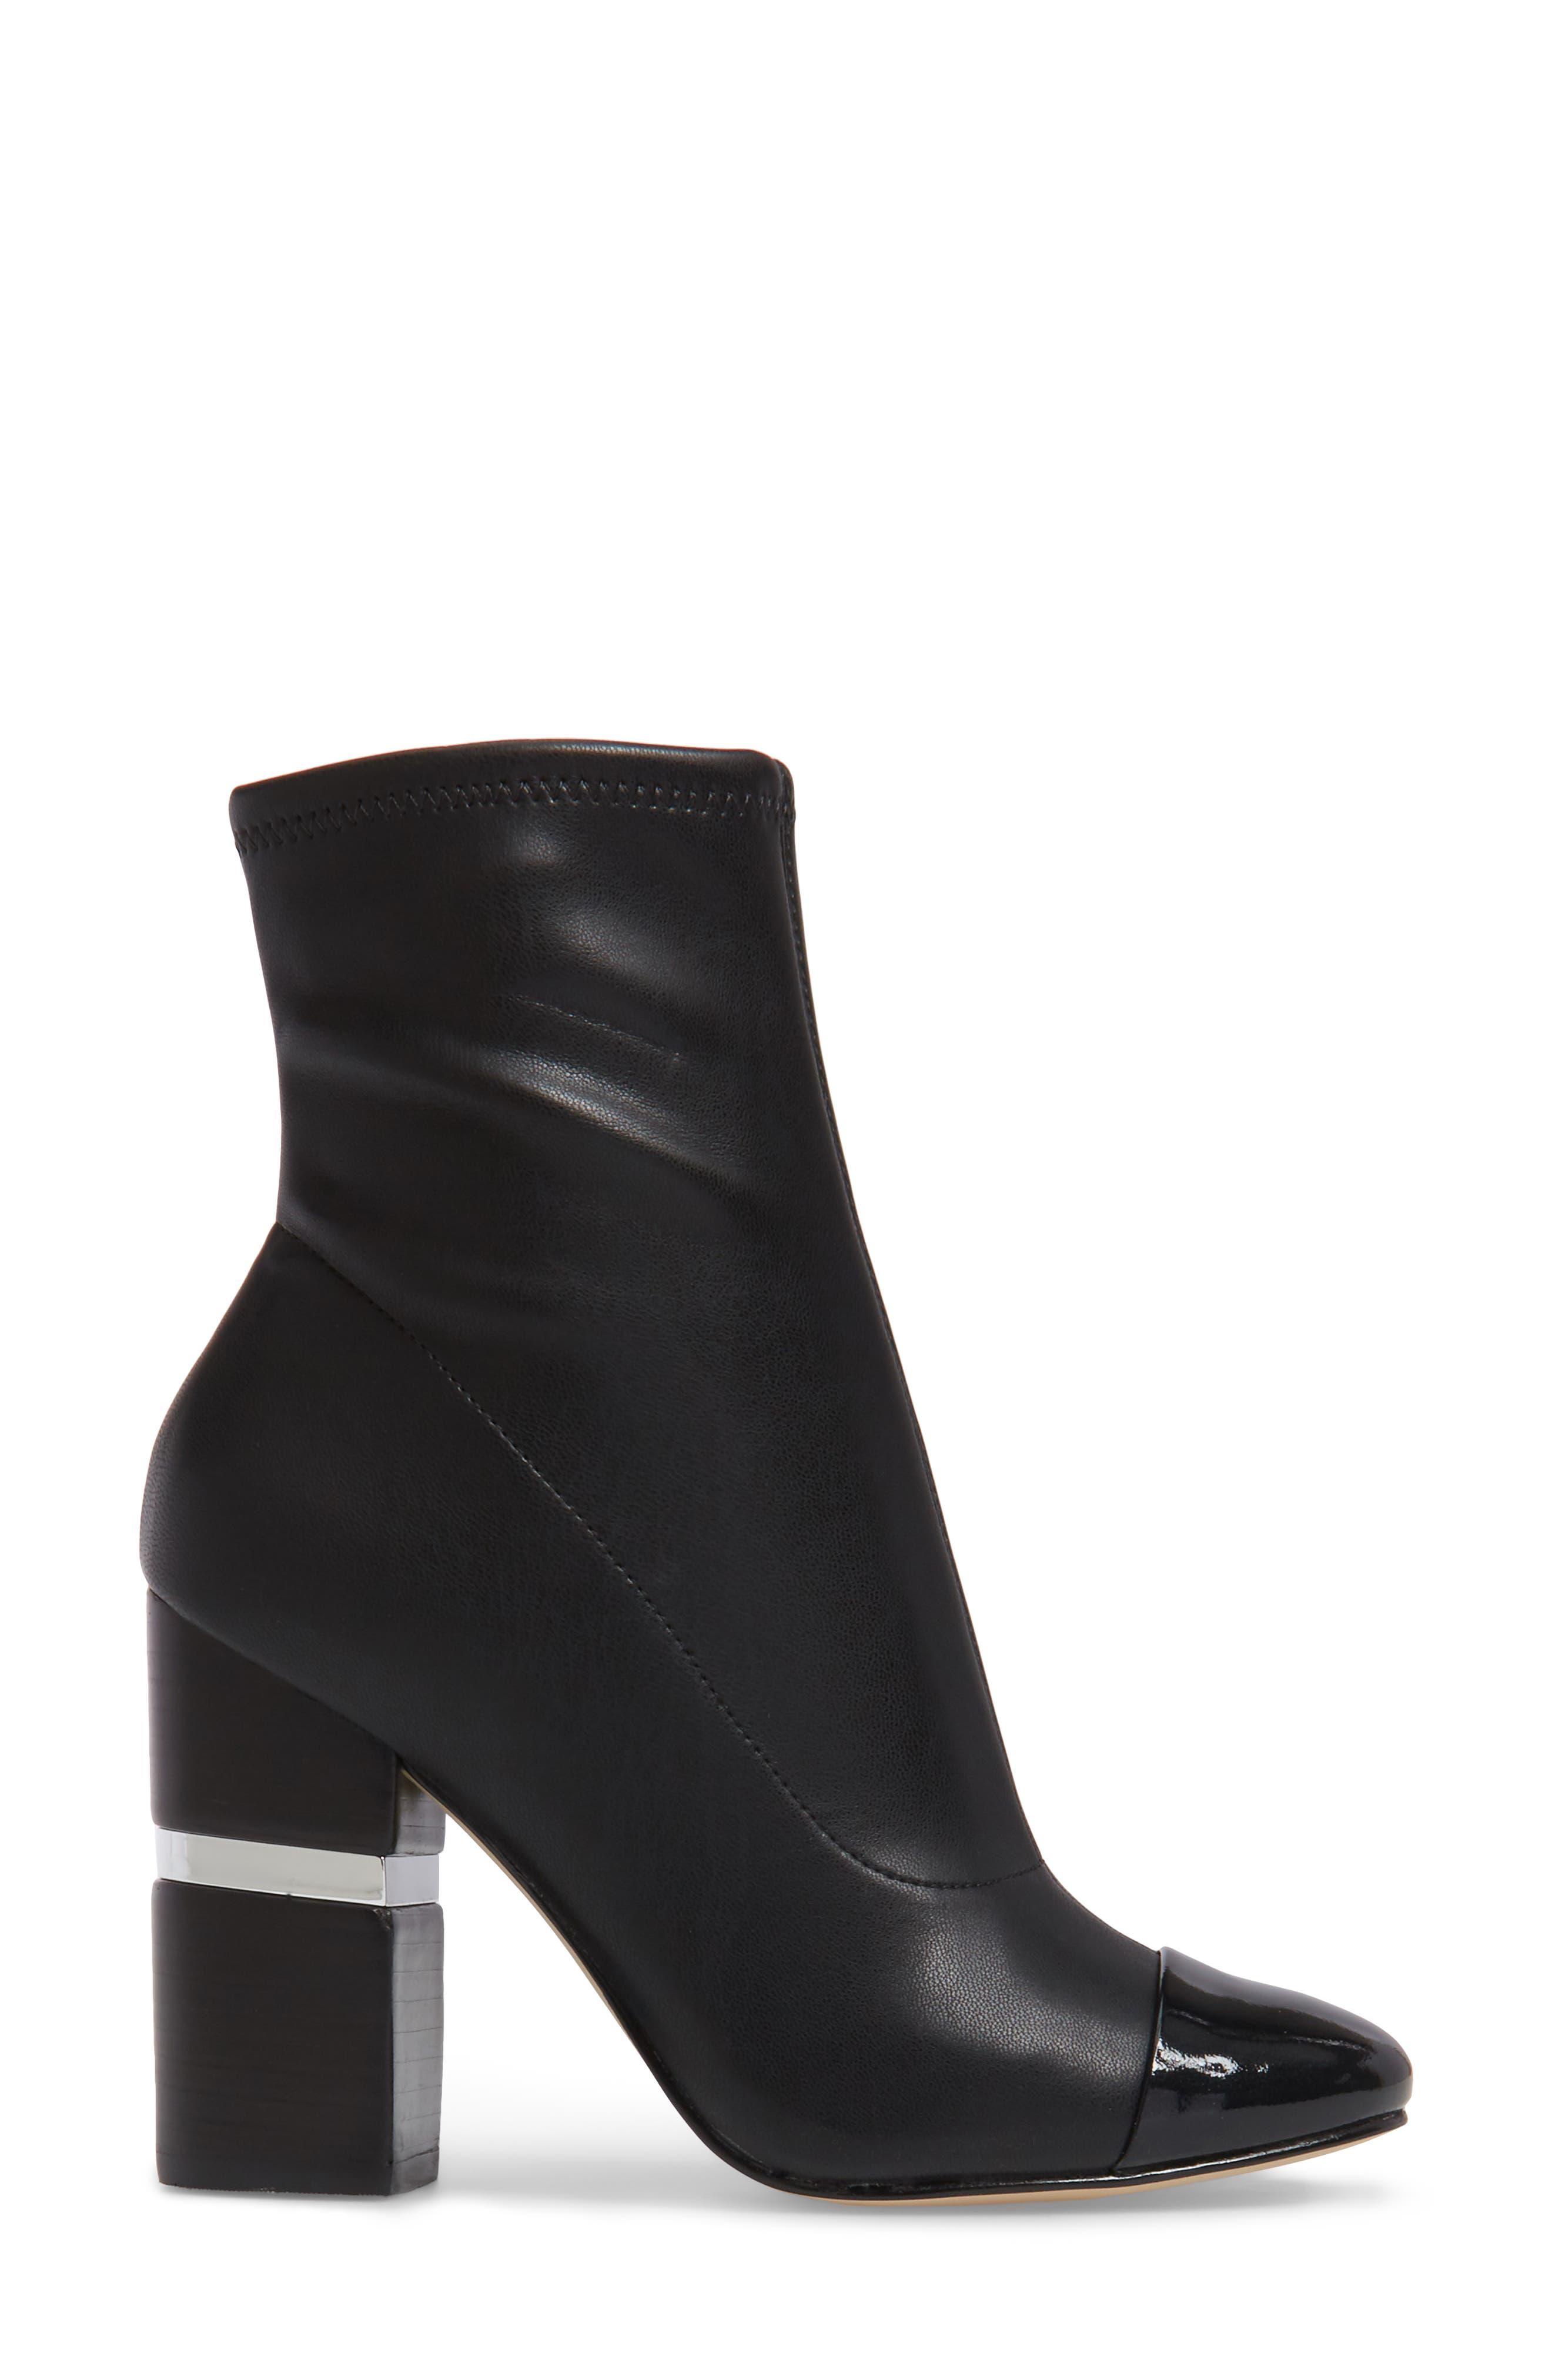 Prisa Cap Toe Bootie,                             Alternate thumbnail 3, color,                             Black Faux Leather